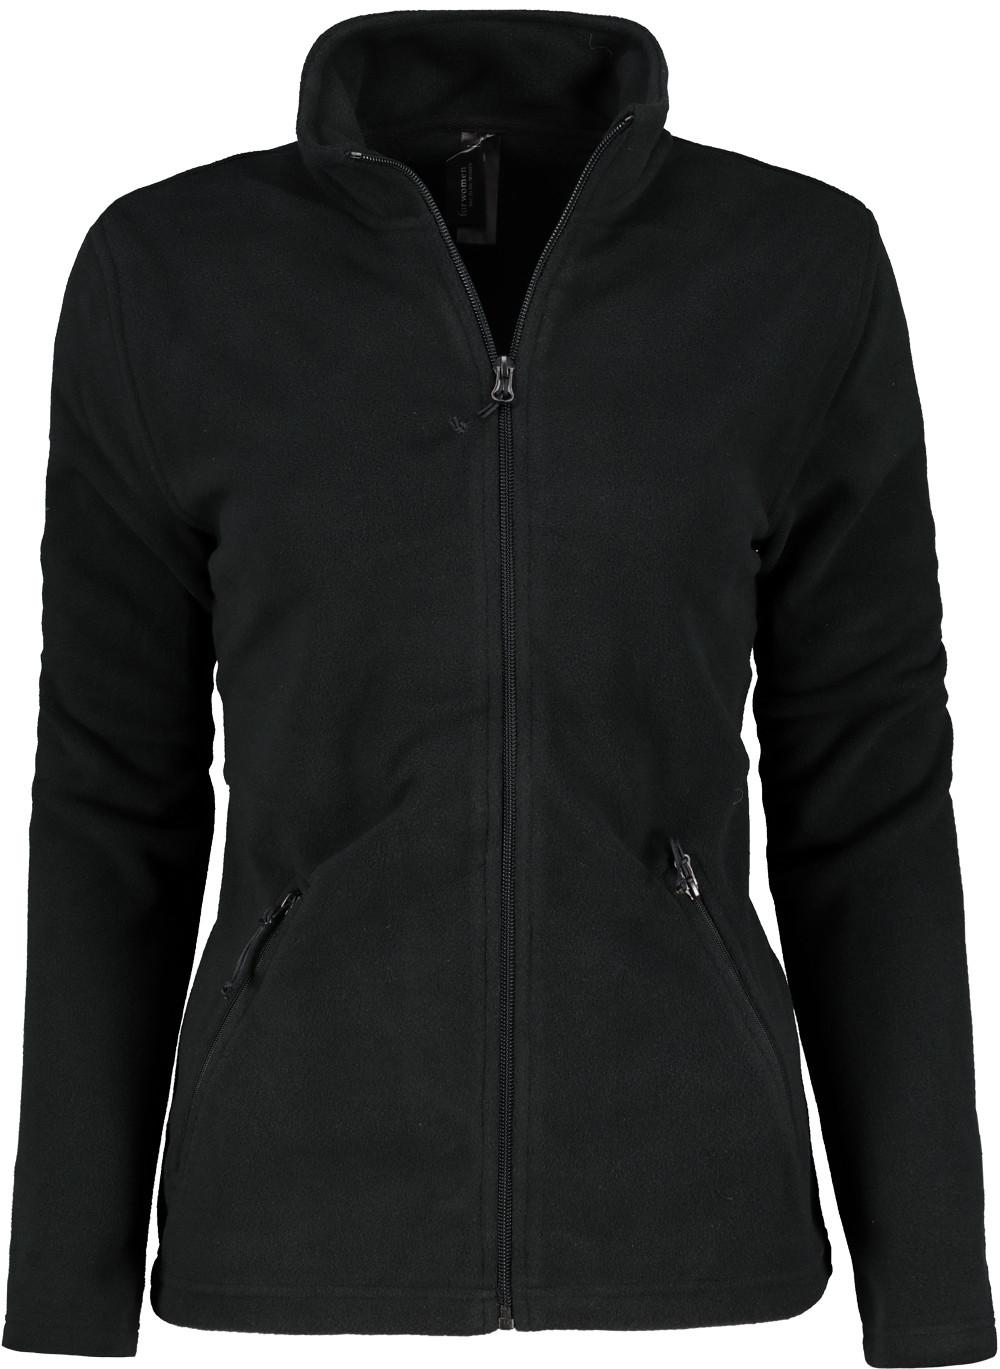 Women's sweatshirt B&C Basic